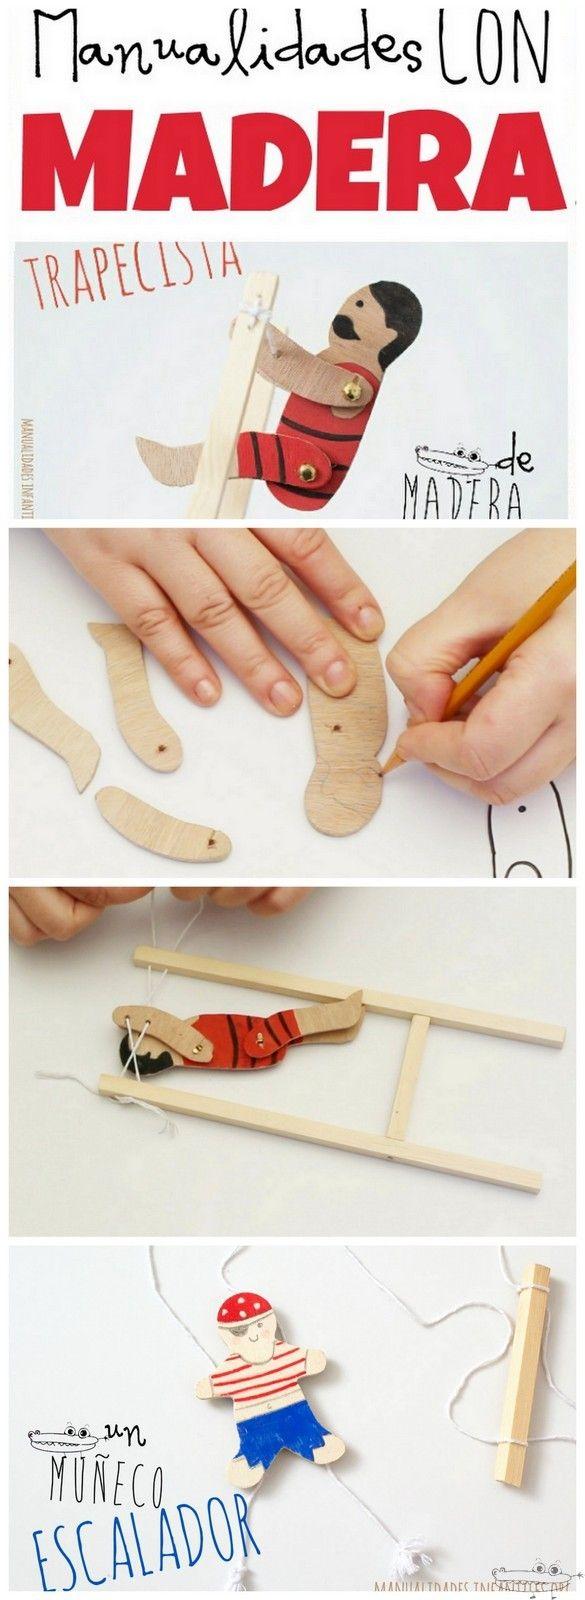 manualidades con madera ninos